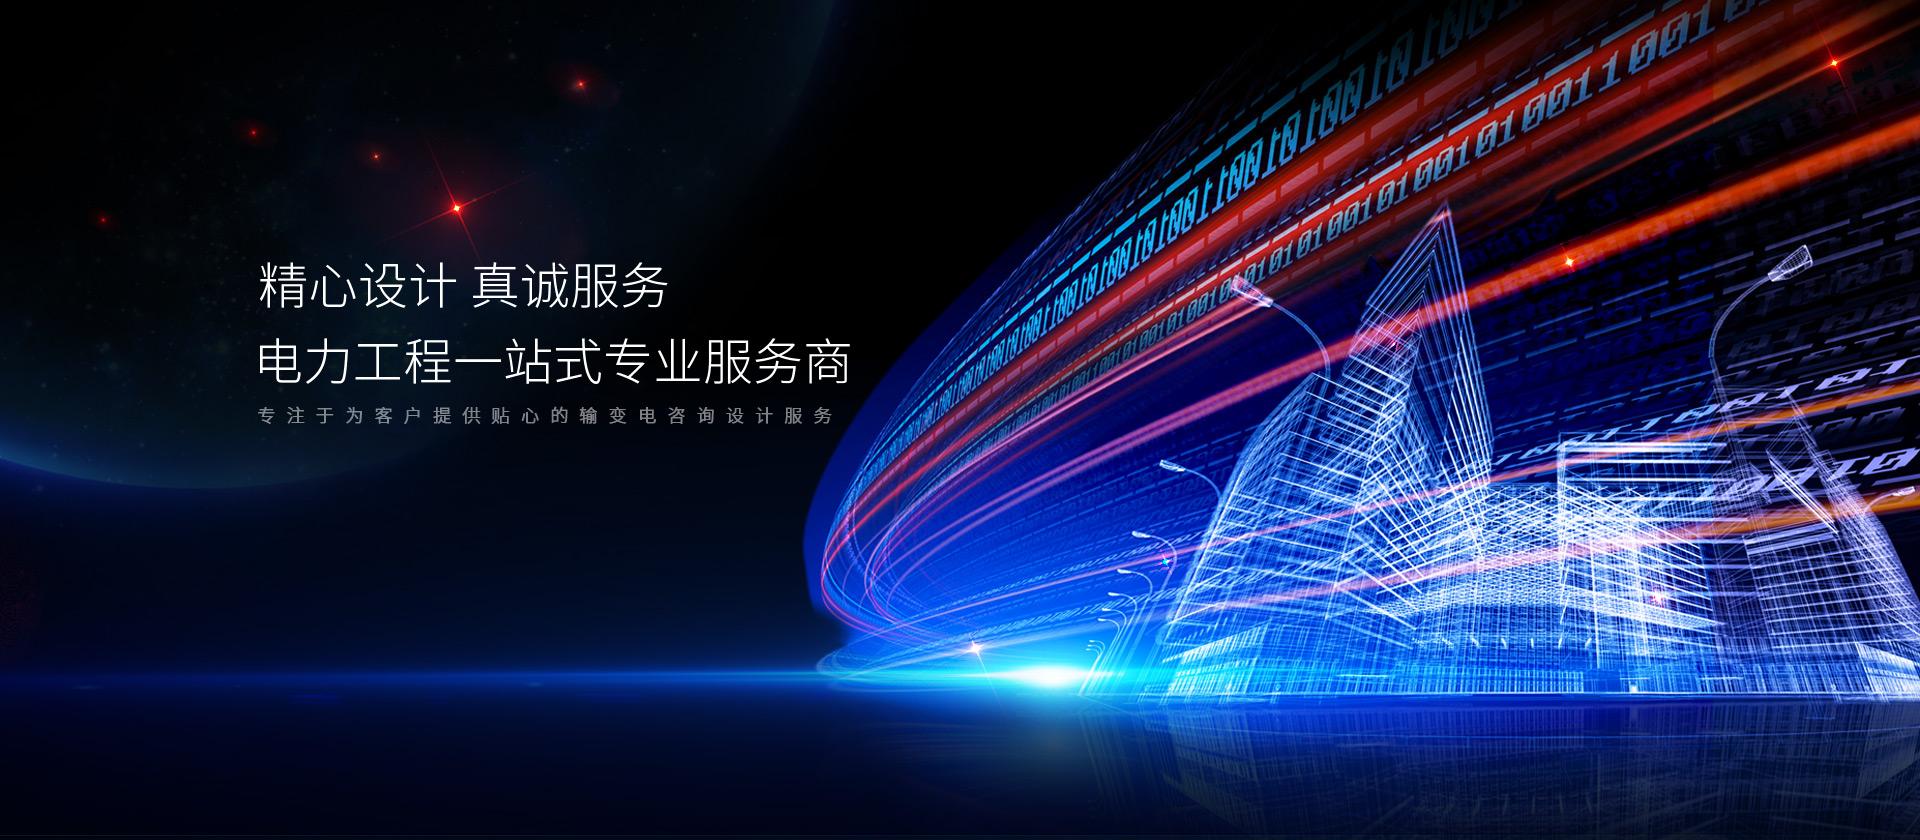 关于yabo亚搏体育苹果下载banner